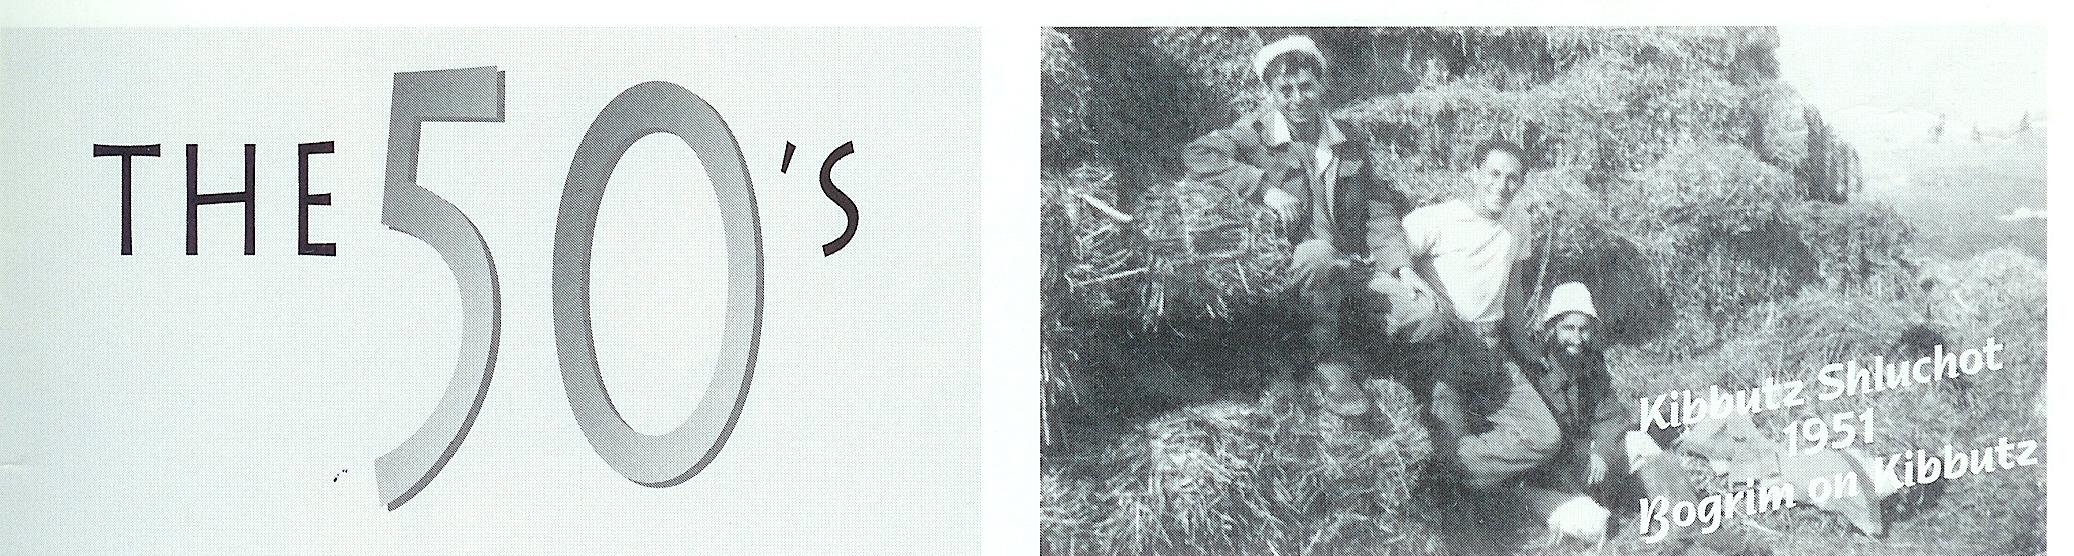 1st S.Afr.at Shluchot Aba Nurick, Yossie Markowitz & Meier Tamari